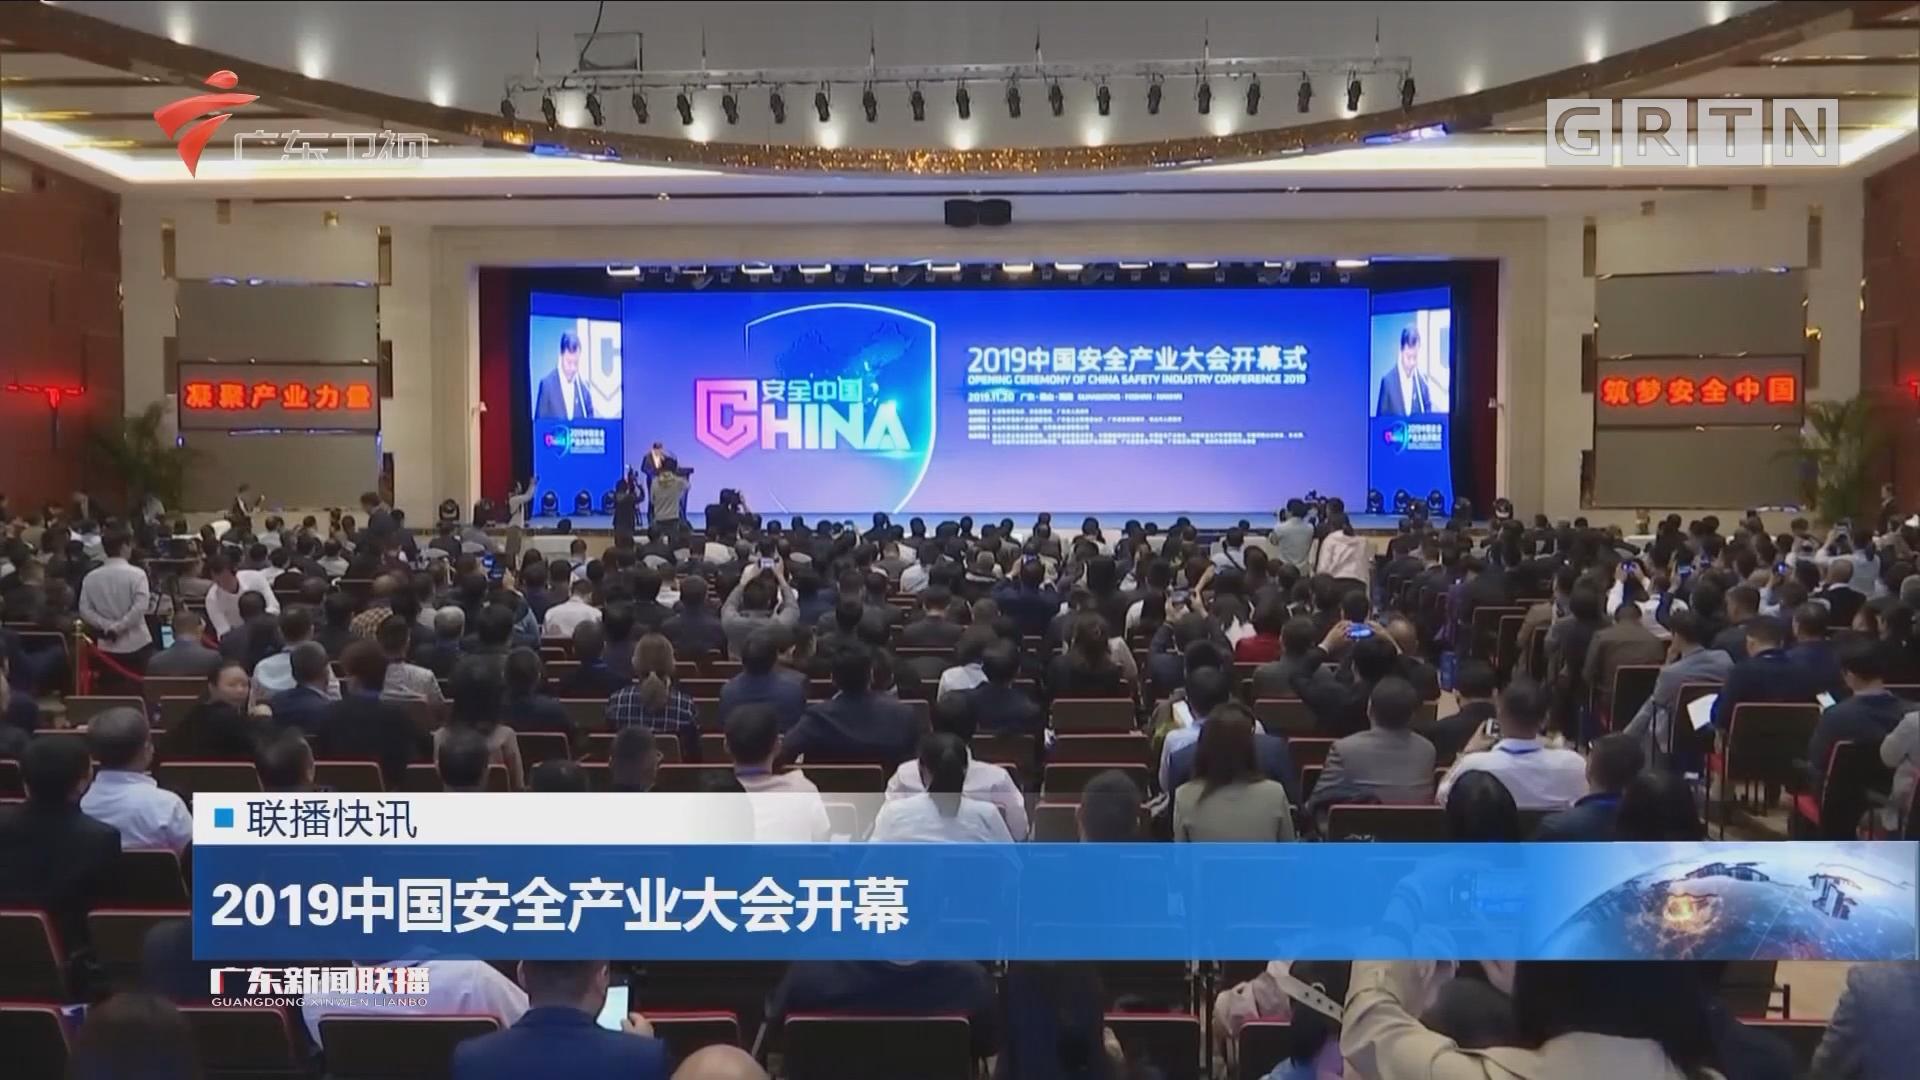 2019中国安全产业大会开幕